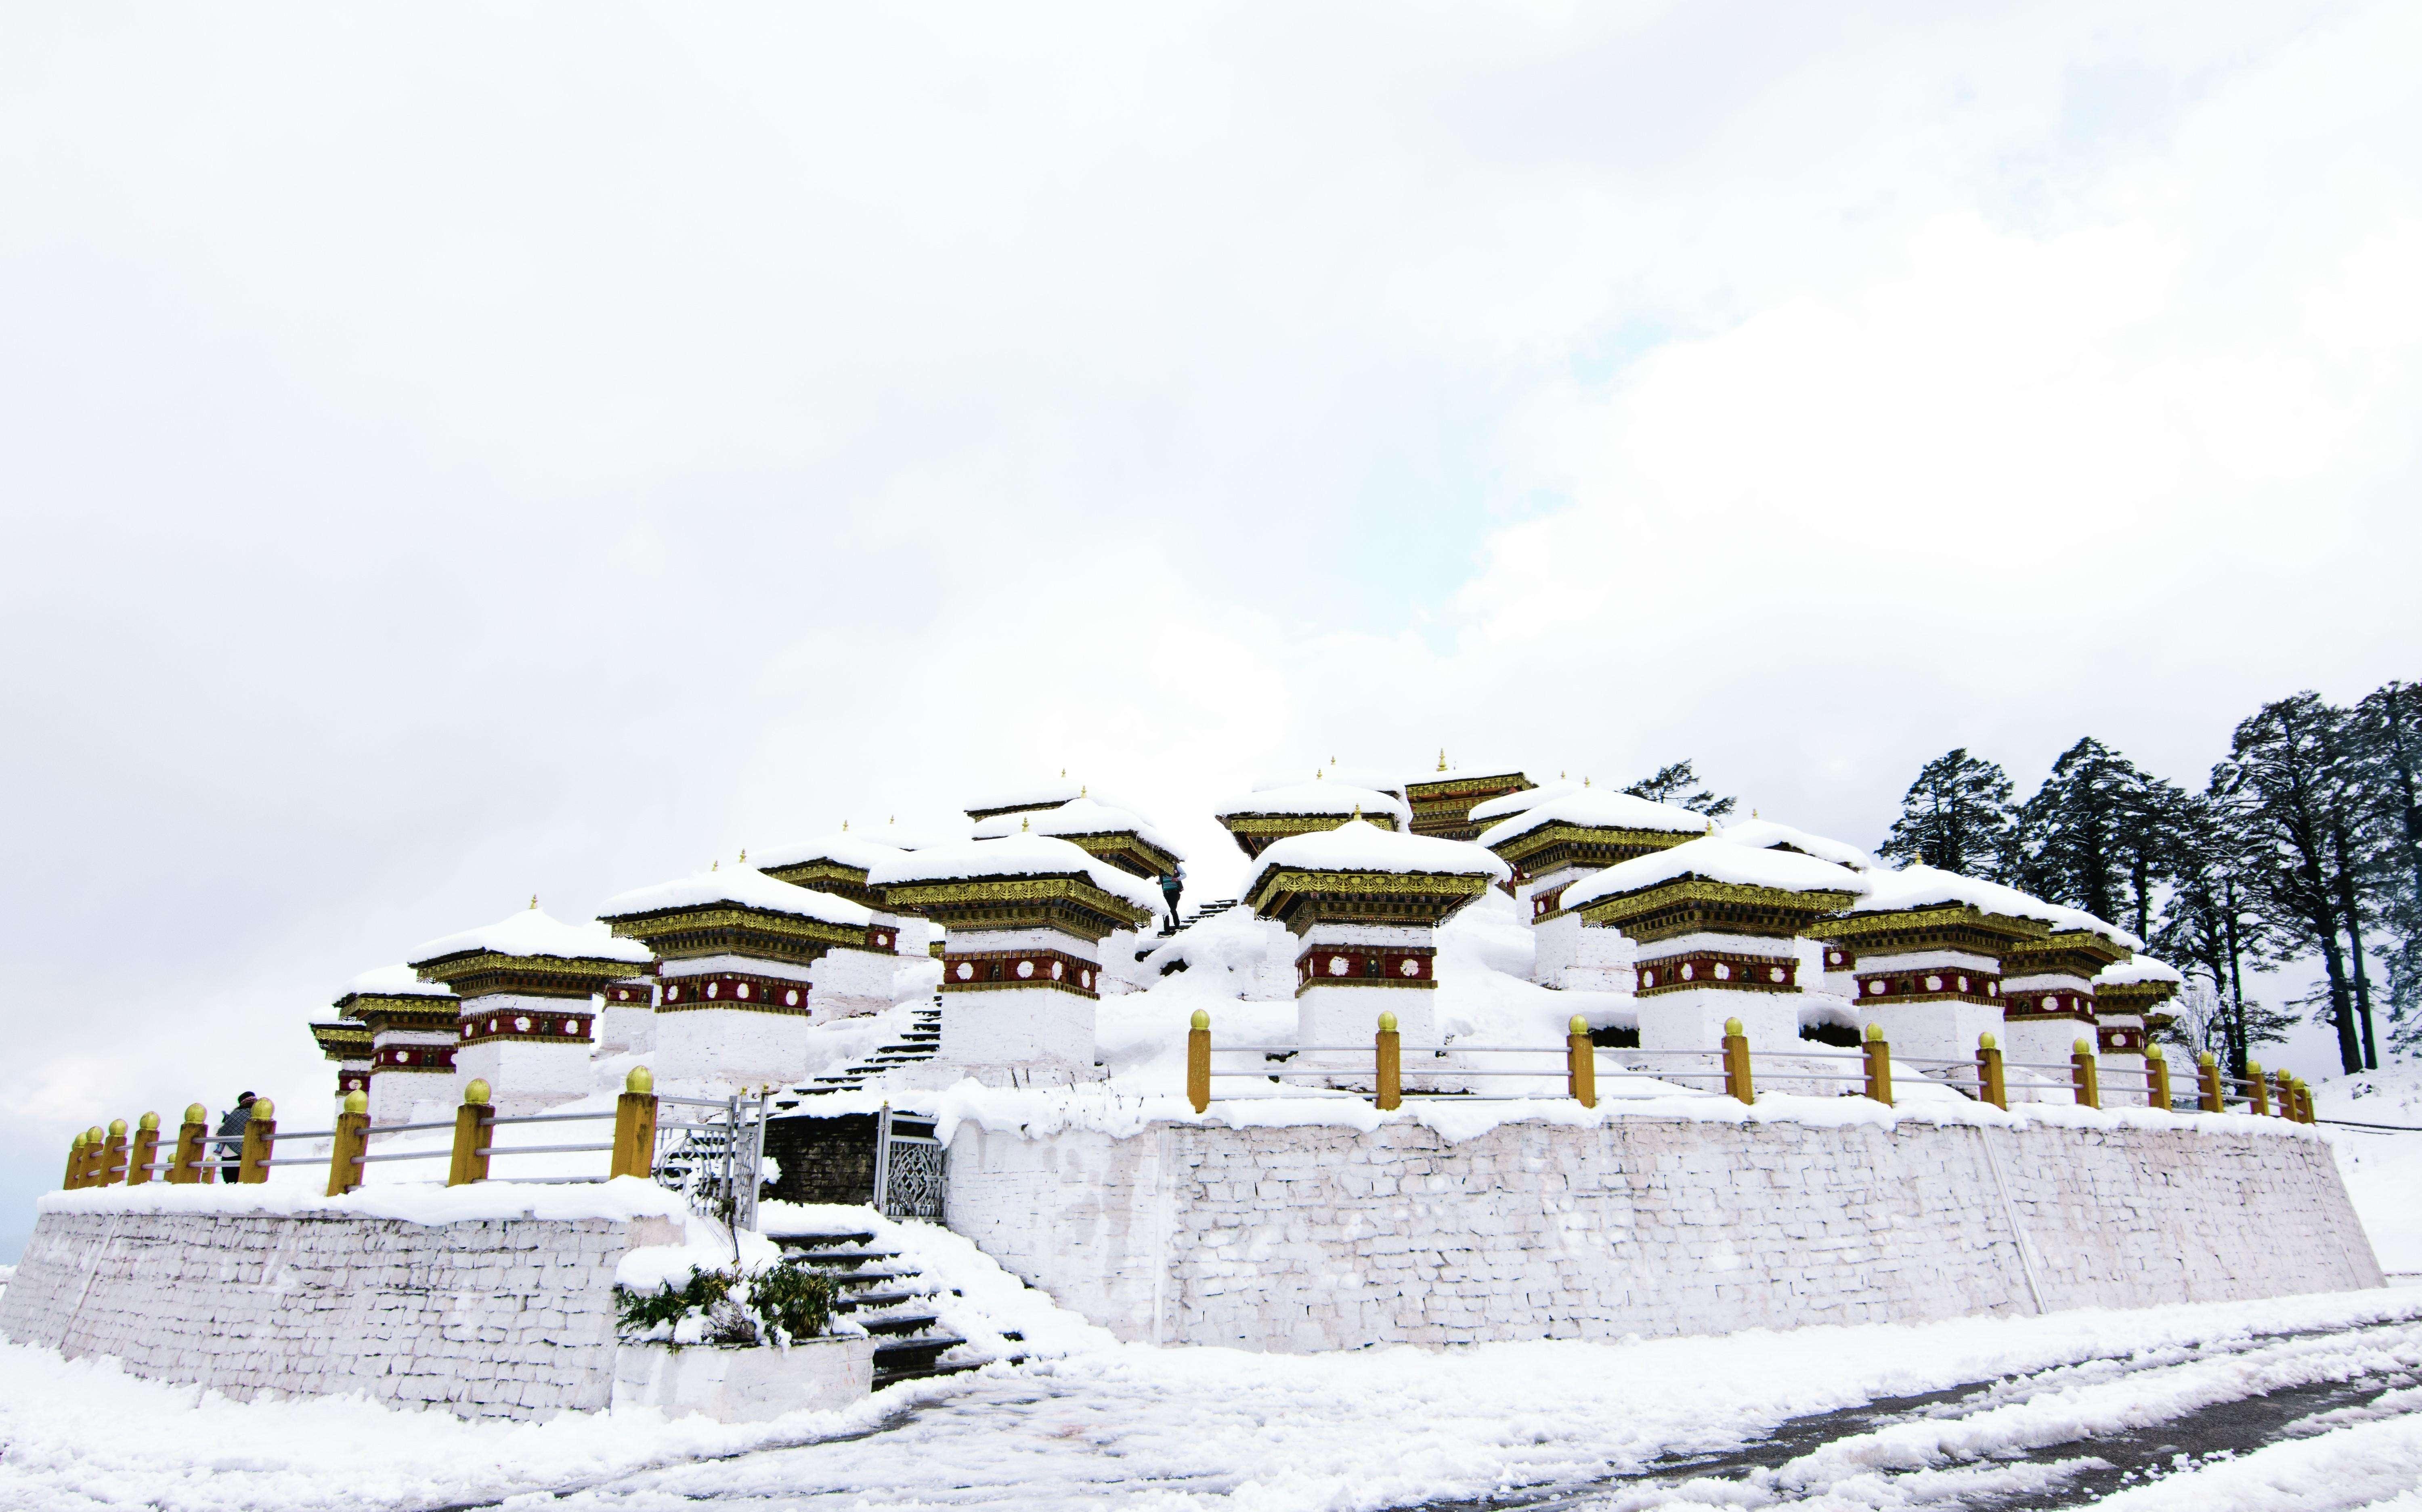 snowfall at Dochula Pass